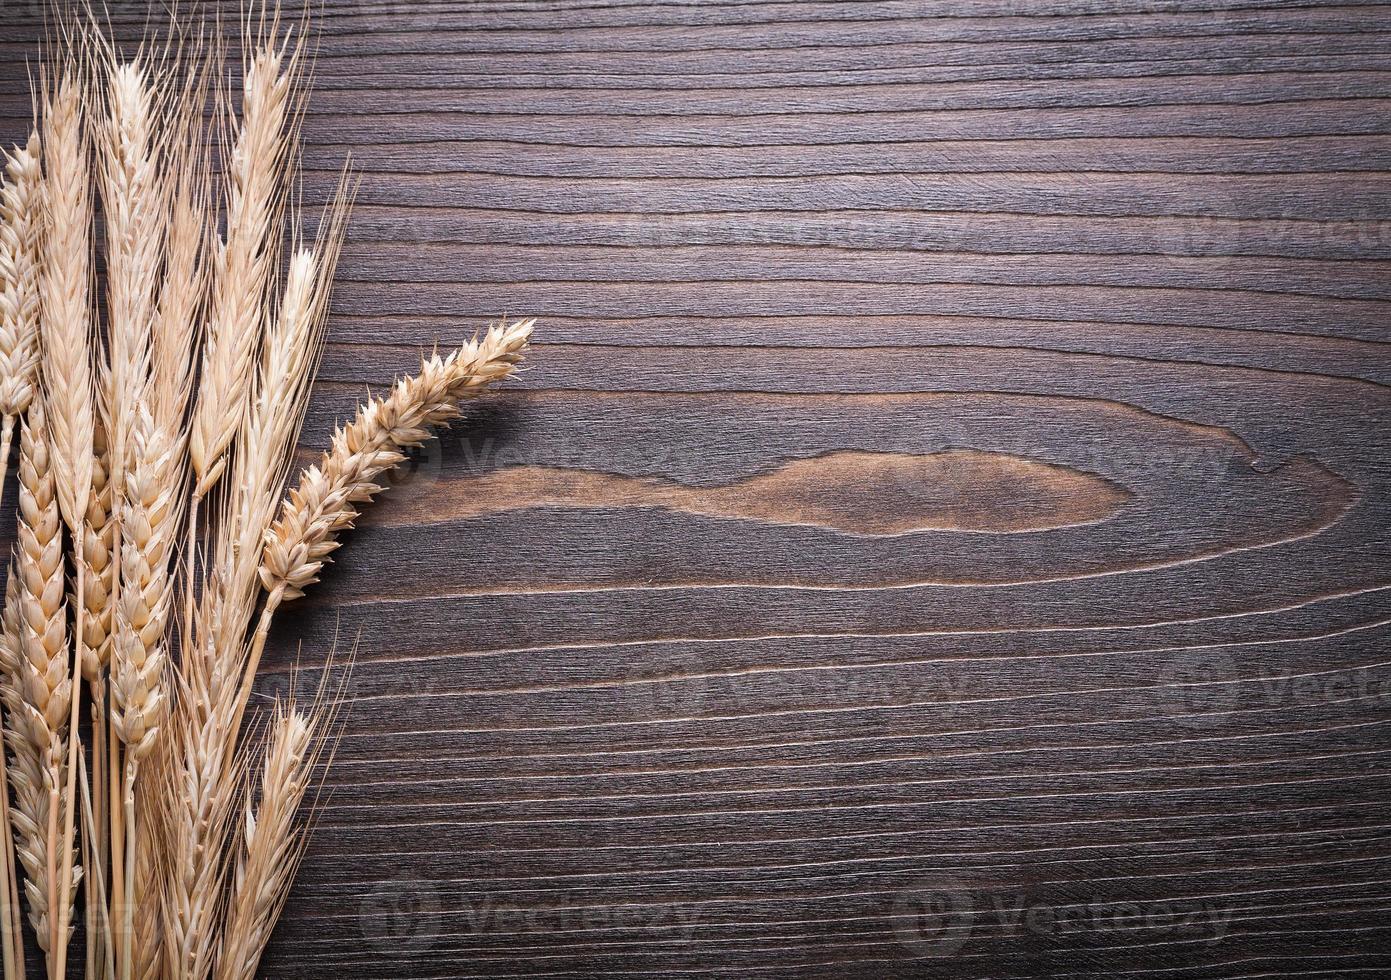 Copie a imagem do espaço de espigas de trigo e centeio em fundo de madeira foto